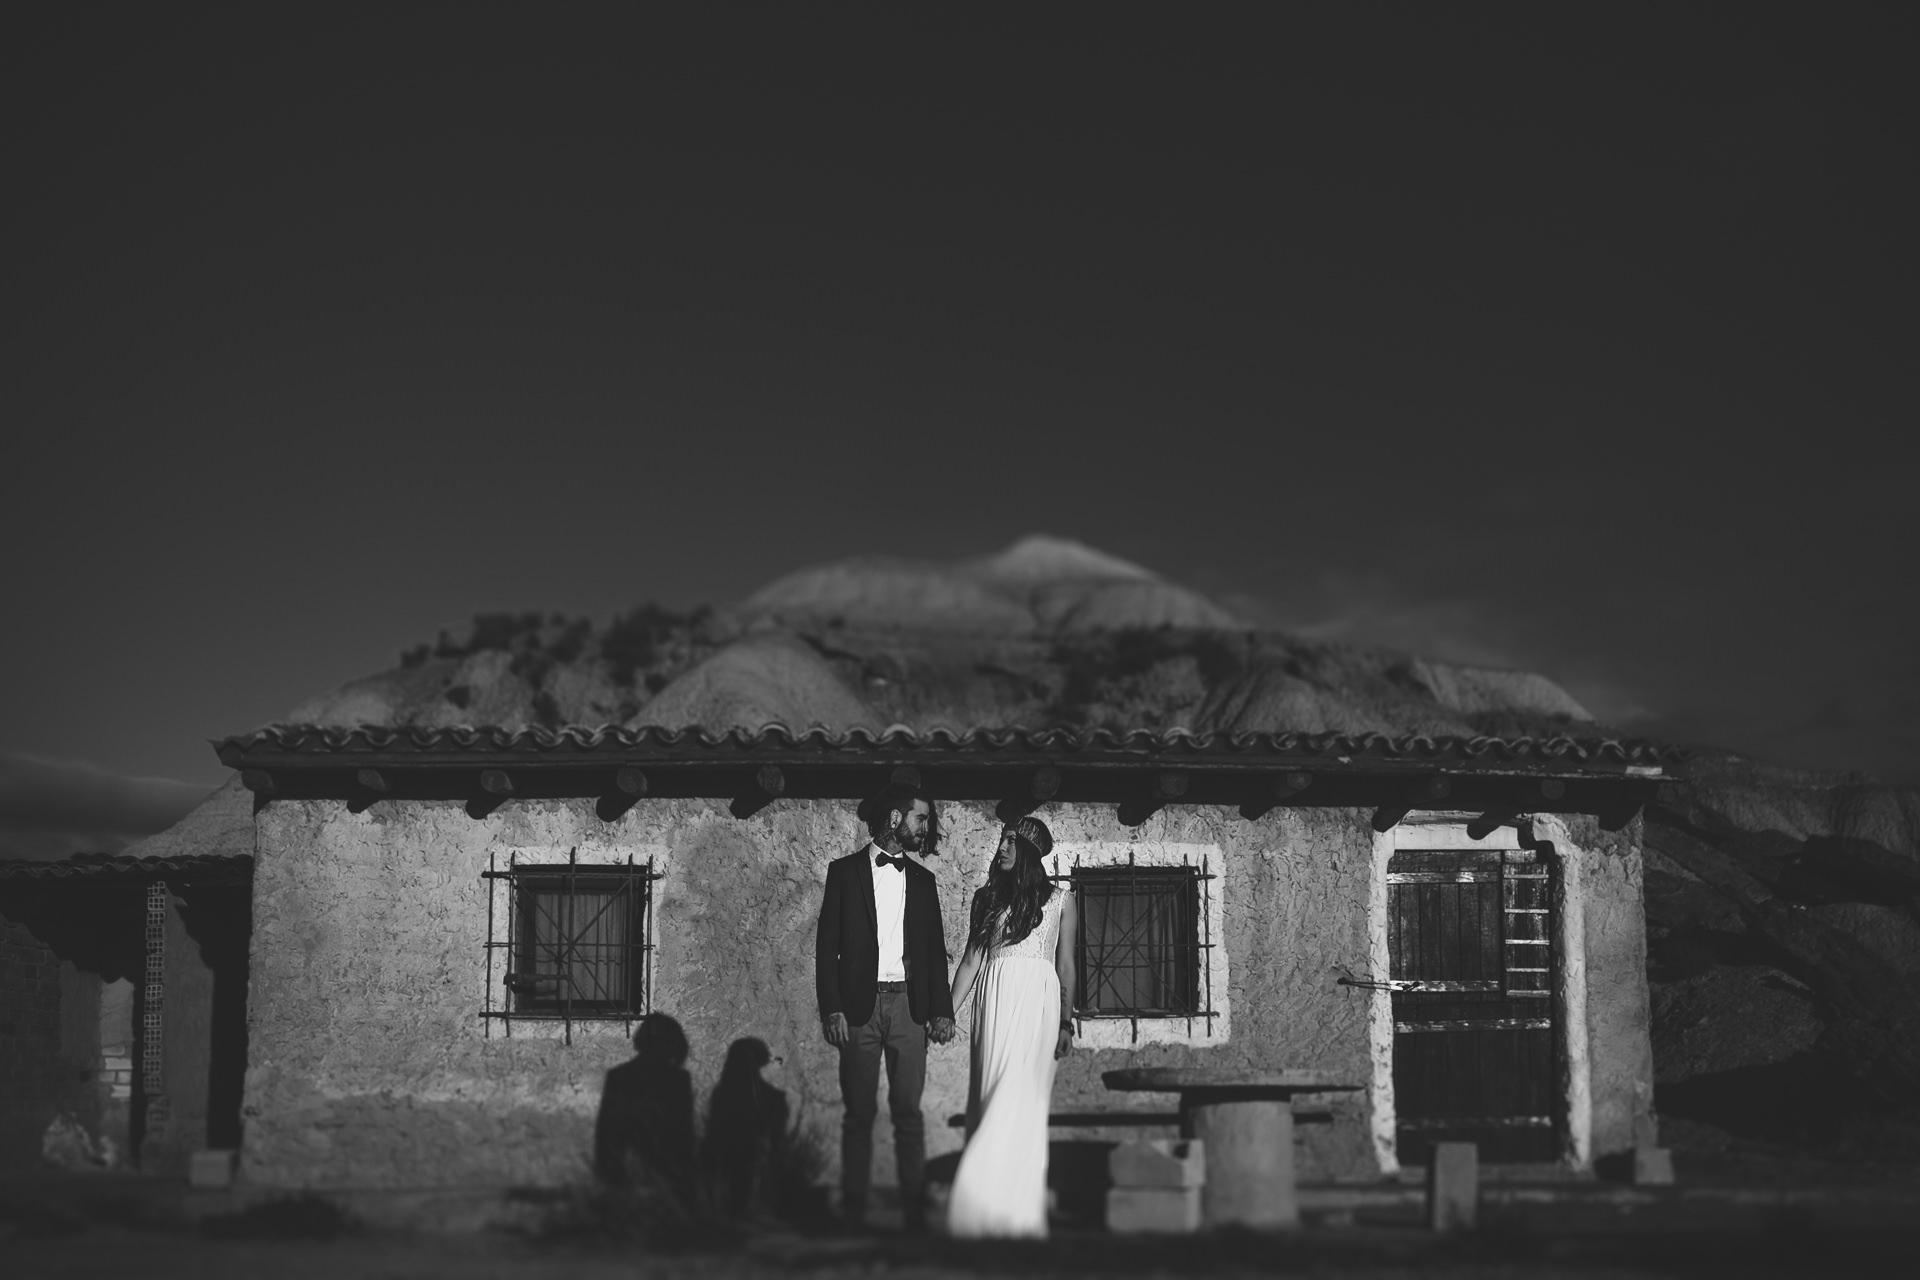 steven bassilieaux photographer sud ouest bordeaux bergerac dodogne elopement Bardeans desert espagne spain espana mariage wedding_.jpg